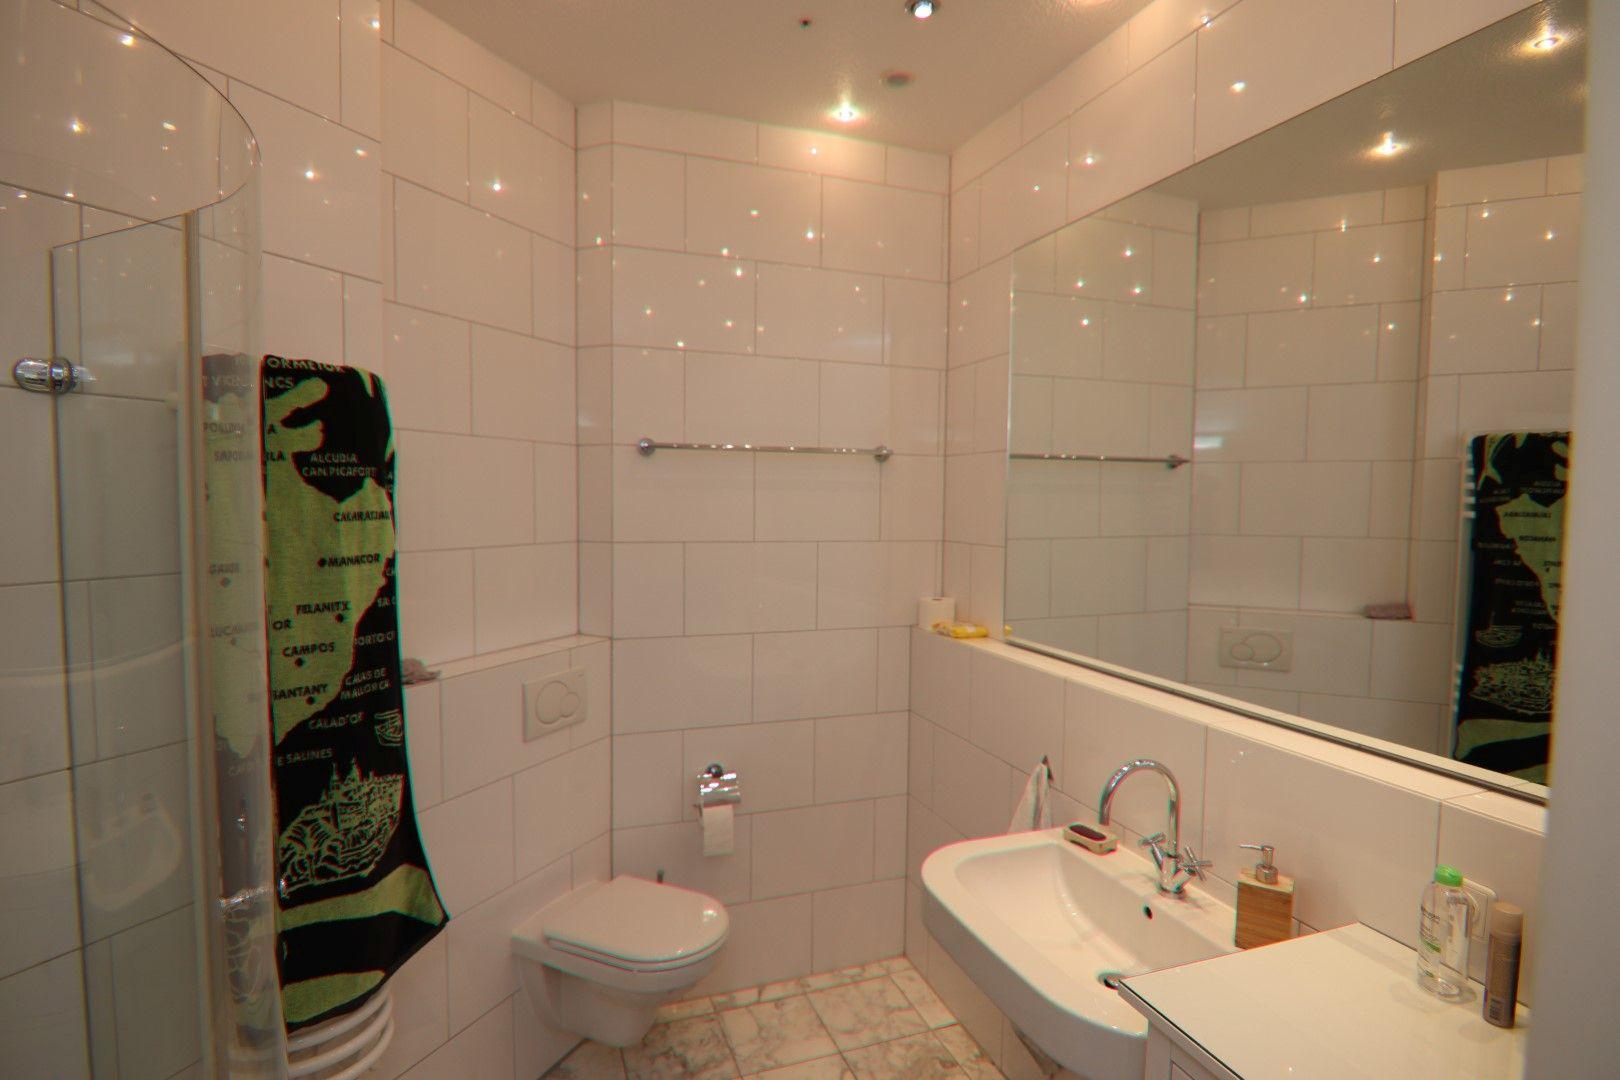 Immobilie Nr.0275 - 4-Raum-Deluxe-Wohnung mit Aufzug, Dachterrasse u. Garage - Bild 11.jpg